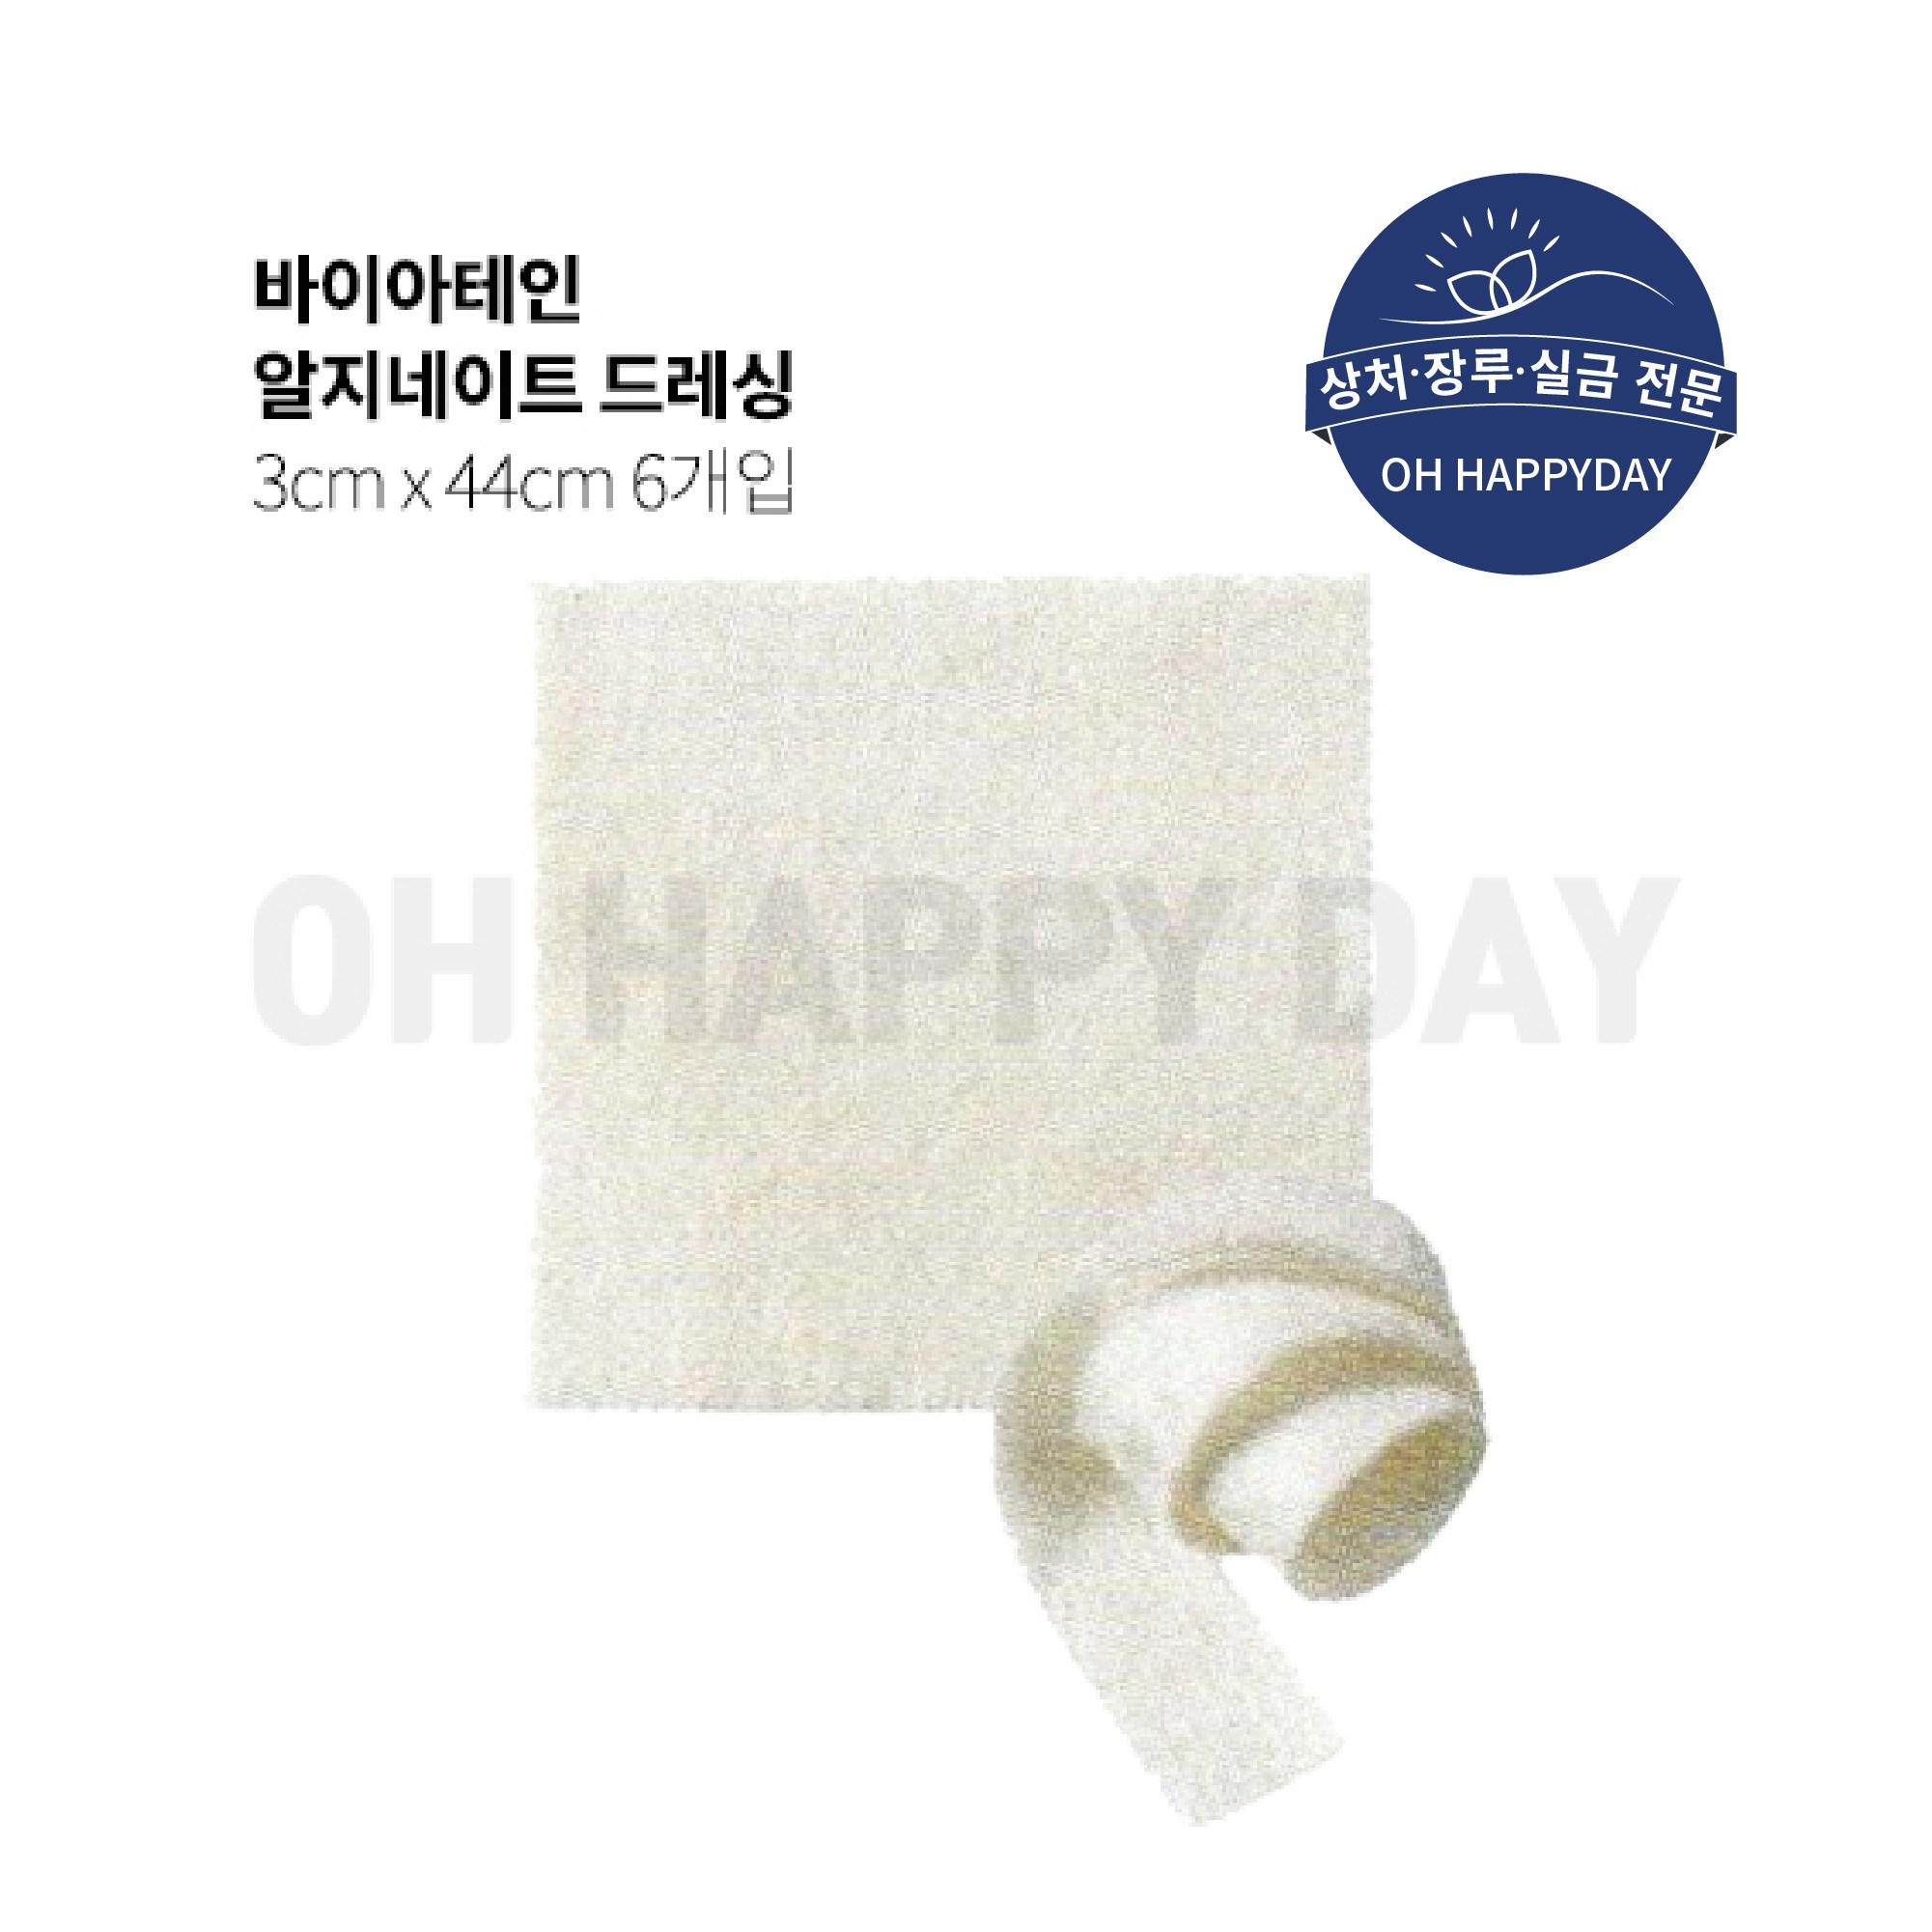 콜로플라스트 바이아테인 알지네이트 드레싱 3740 3x44cm 6매 Biatain Alginate (POP 5007802917)